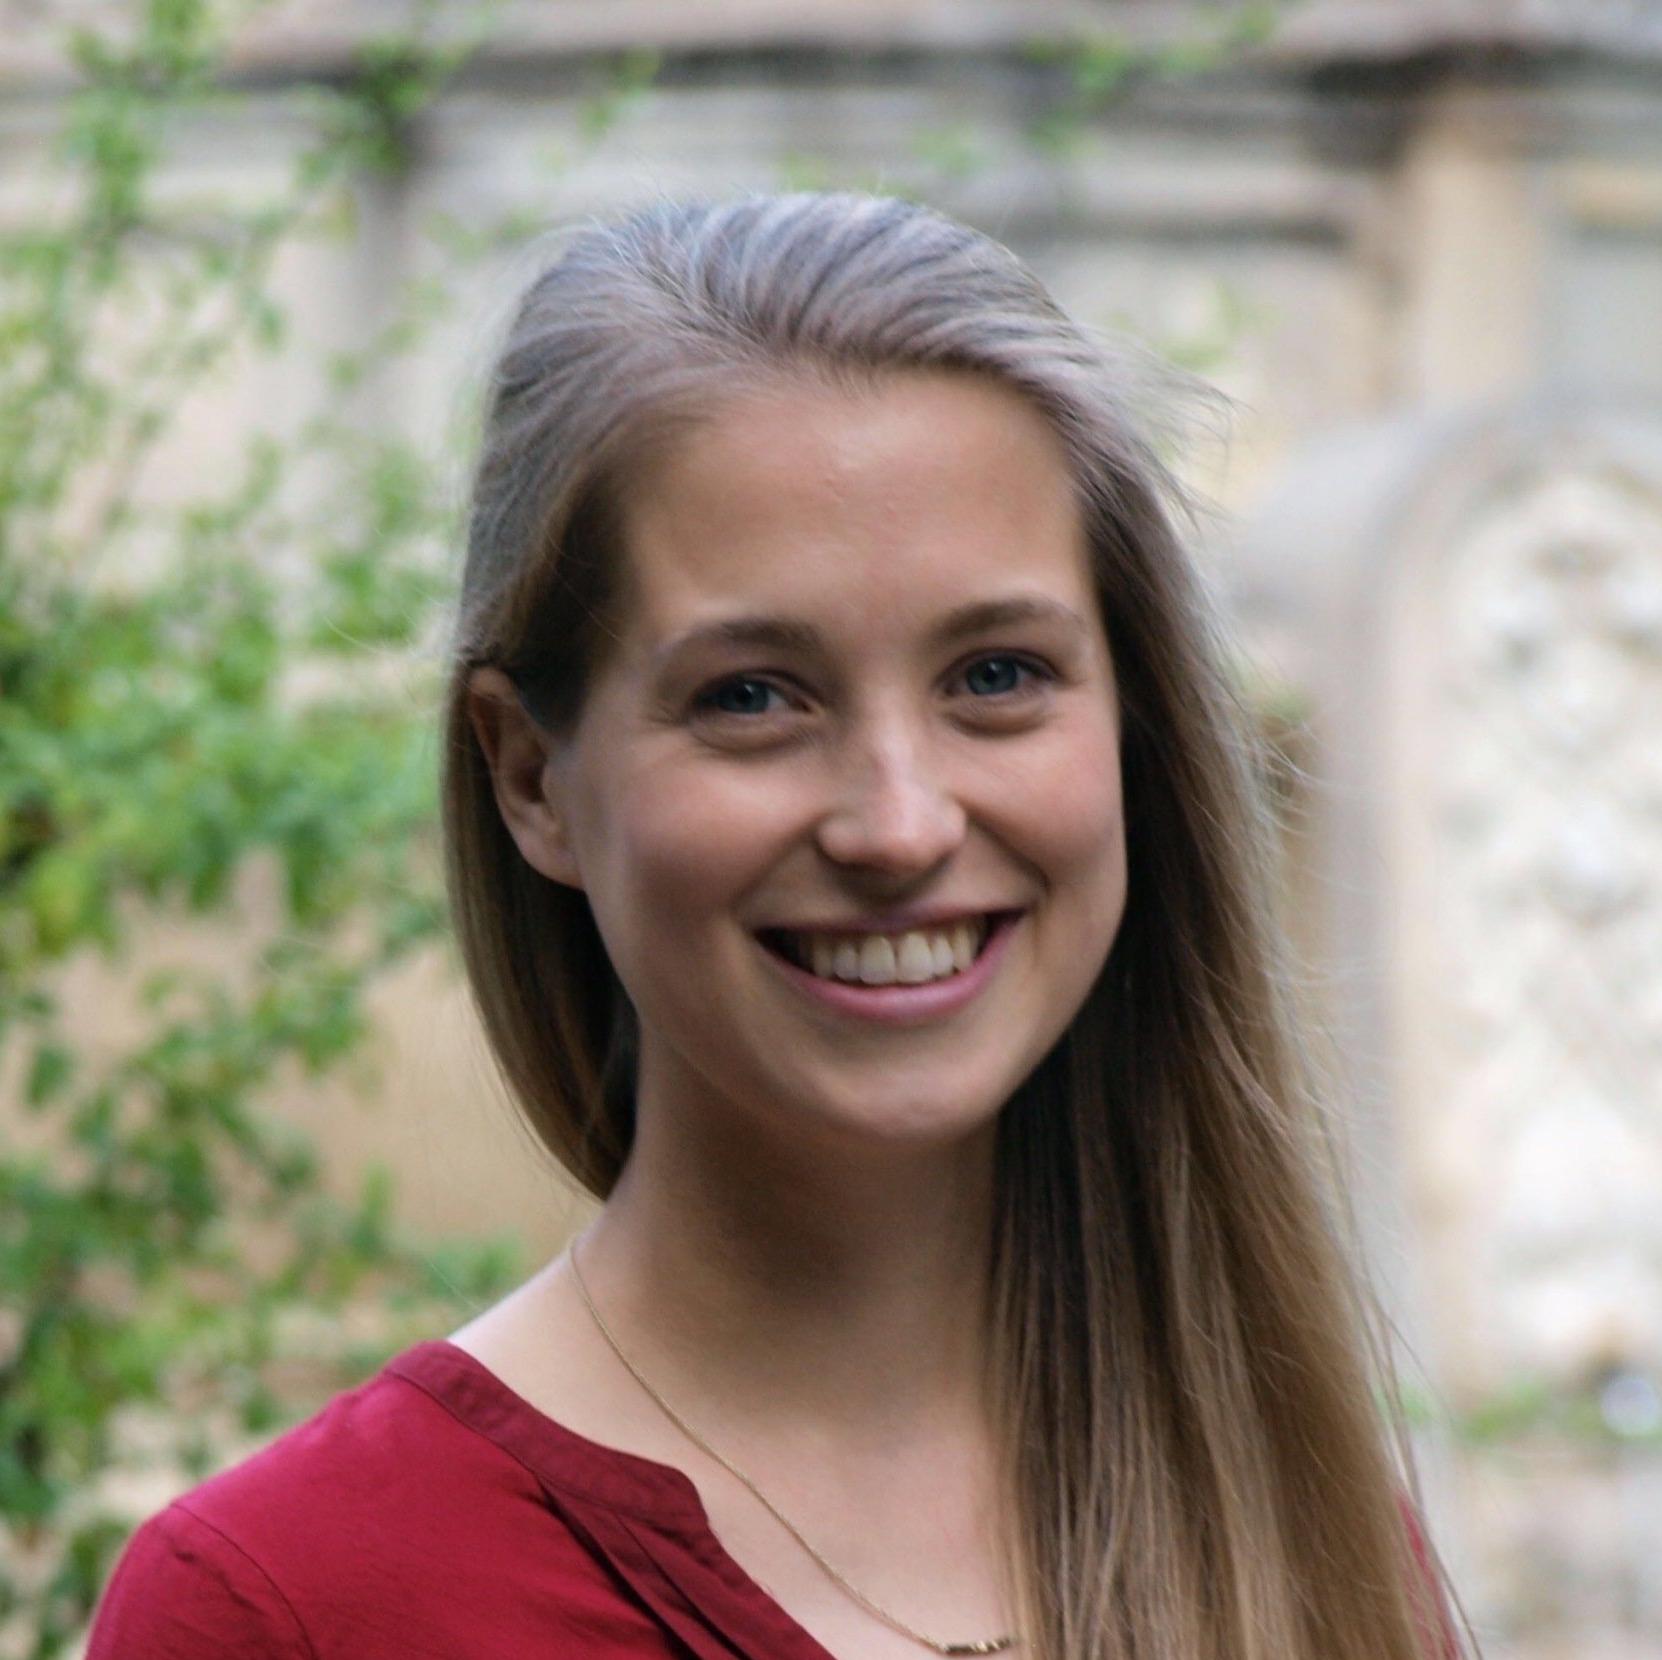 Isabelle Garzorz